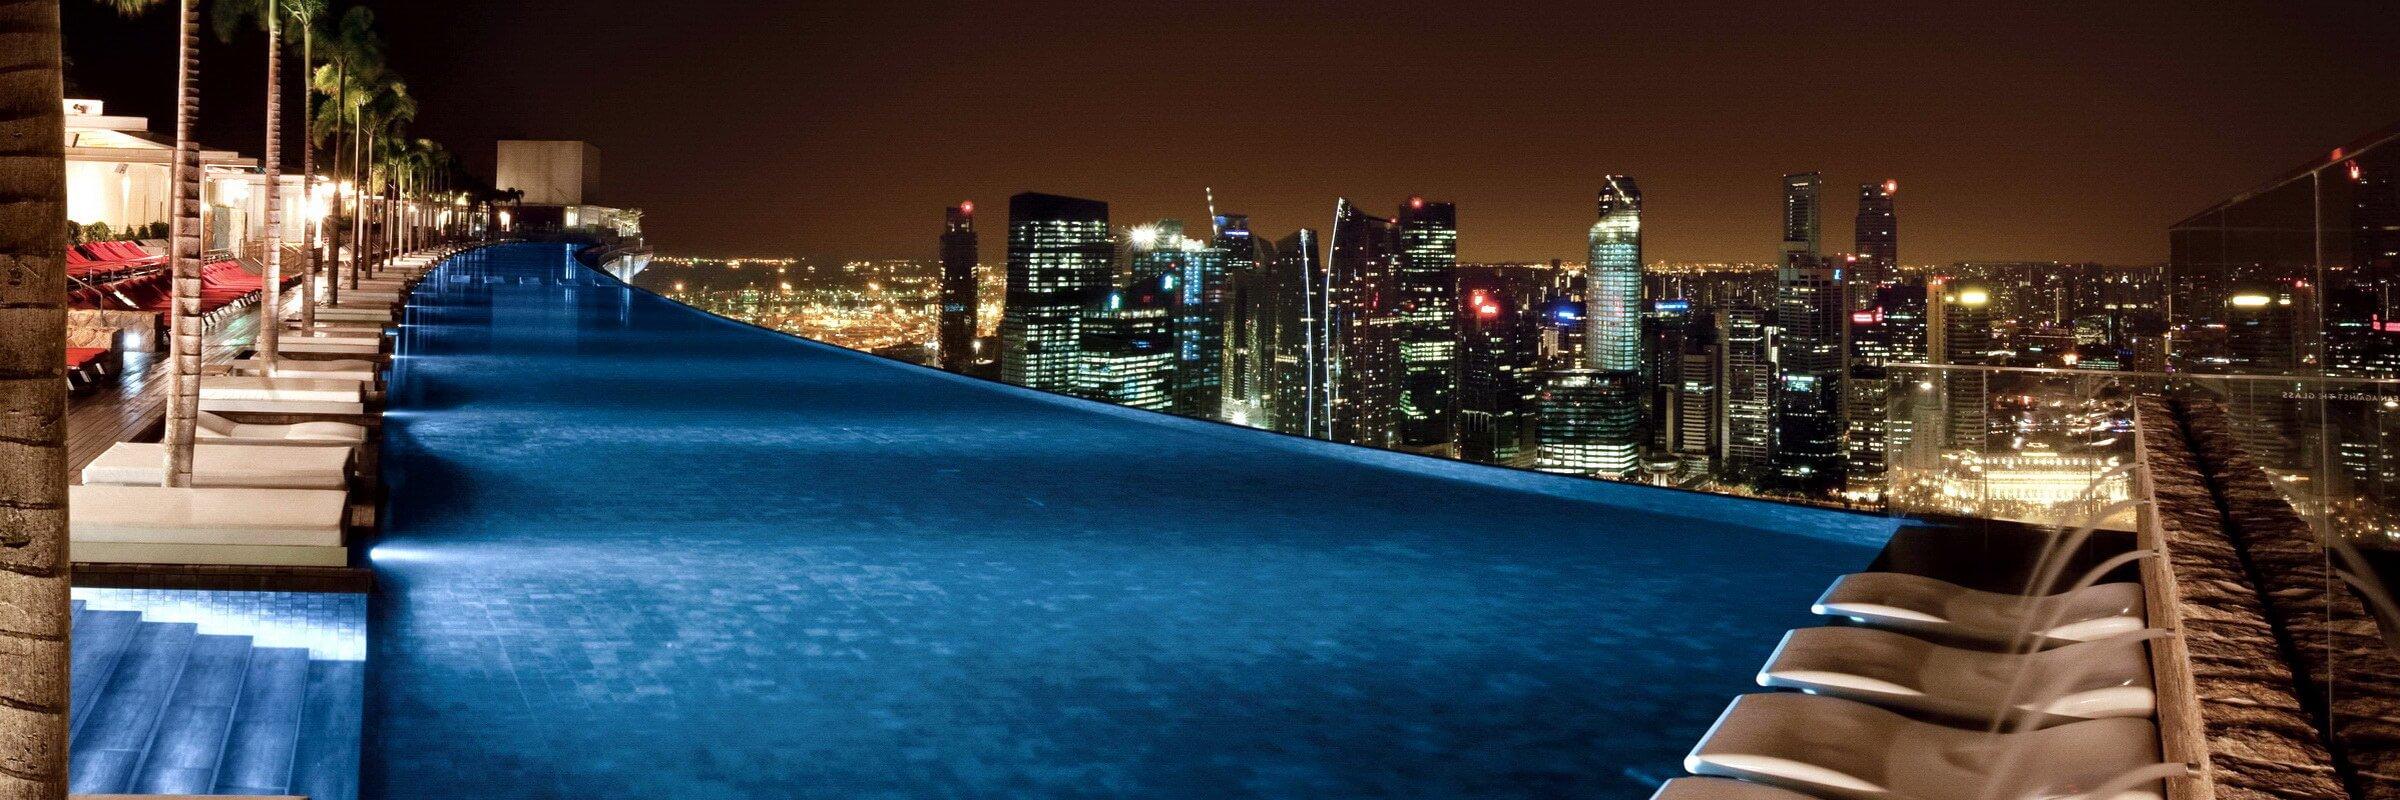 Der einzigartige Pool im Sky Park des Marina Bay Sands mit toller Aussicht bei Nacht